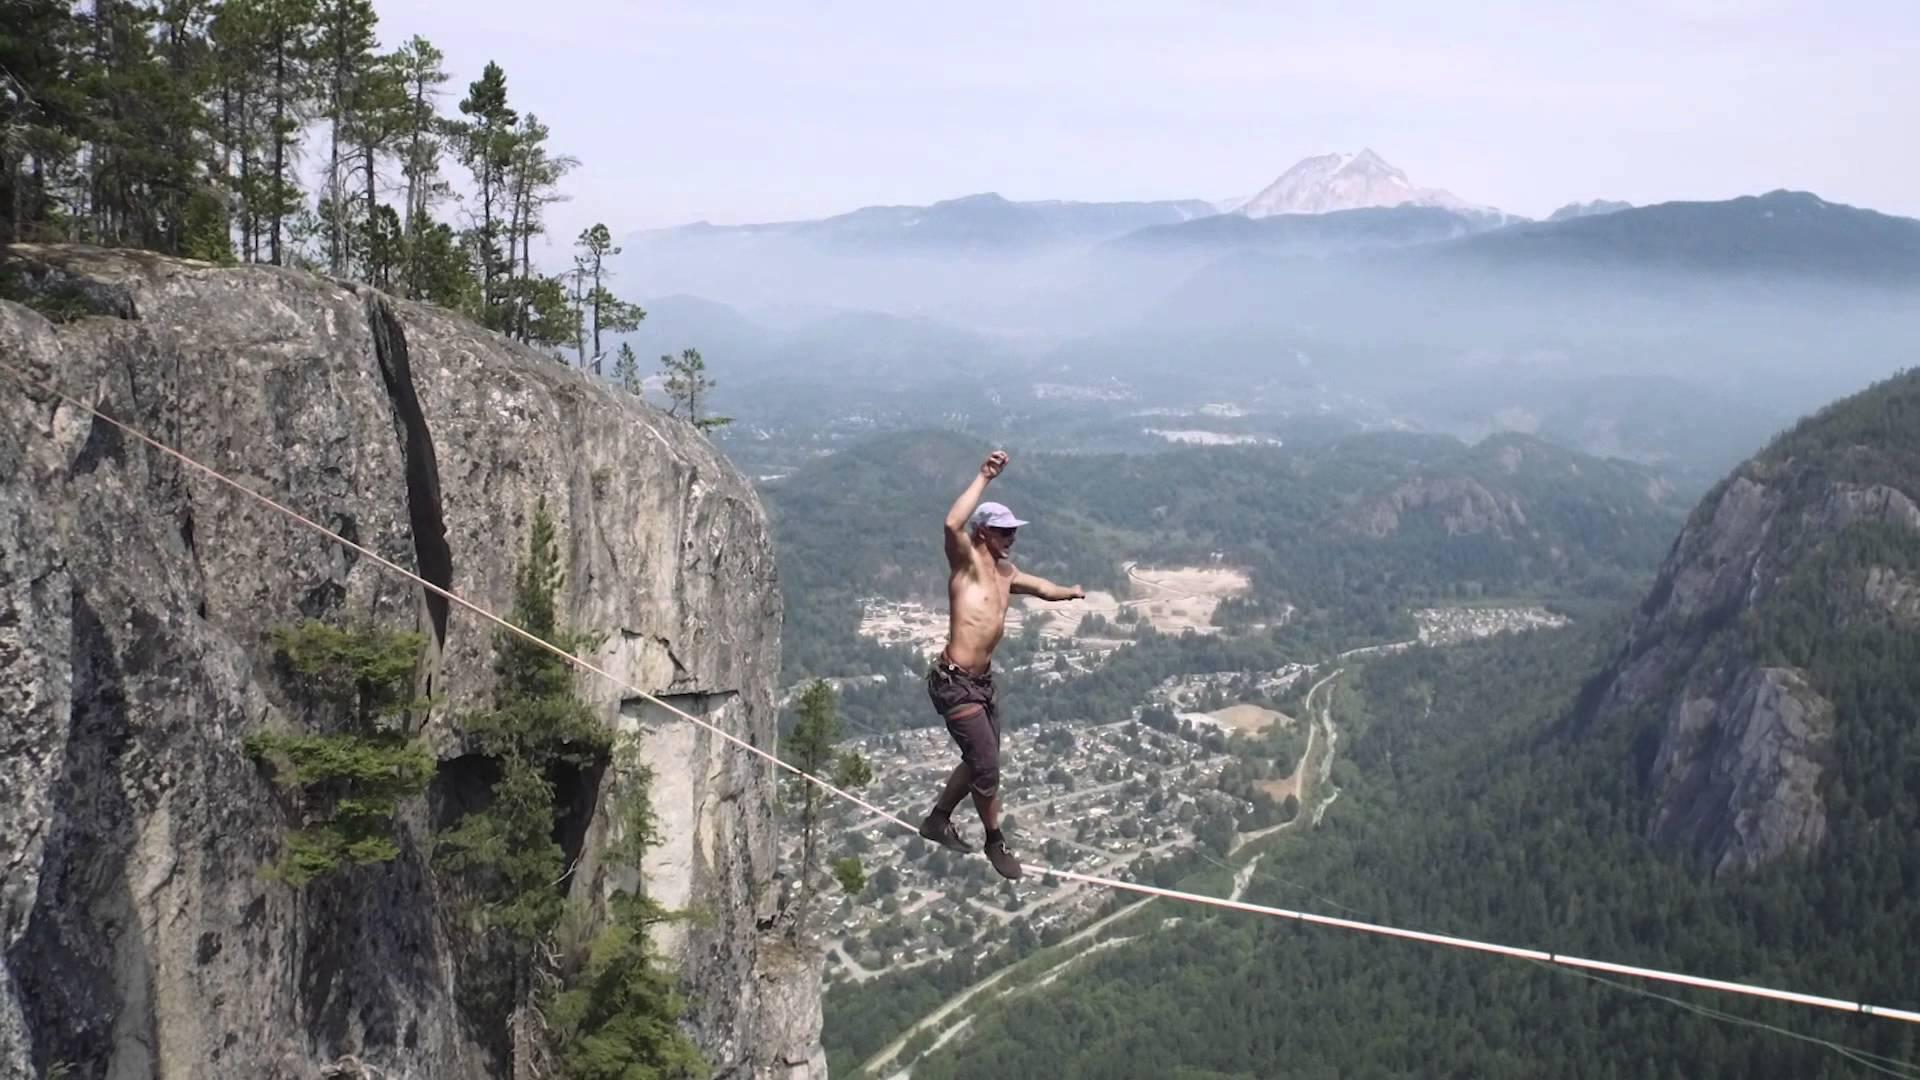 綱渡りの世界記録に挑戦した男性の動画が恐ろしい……